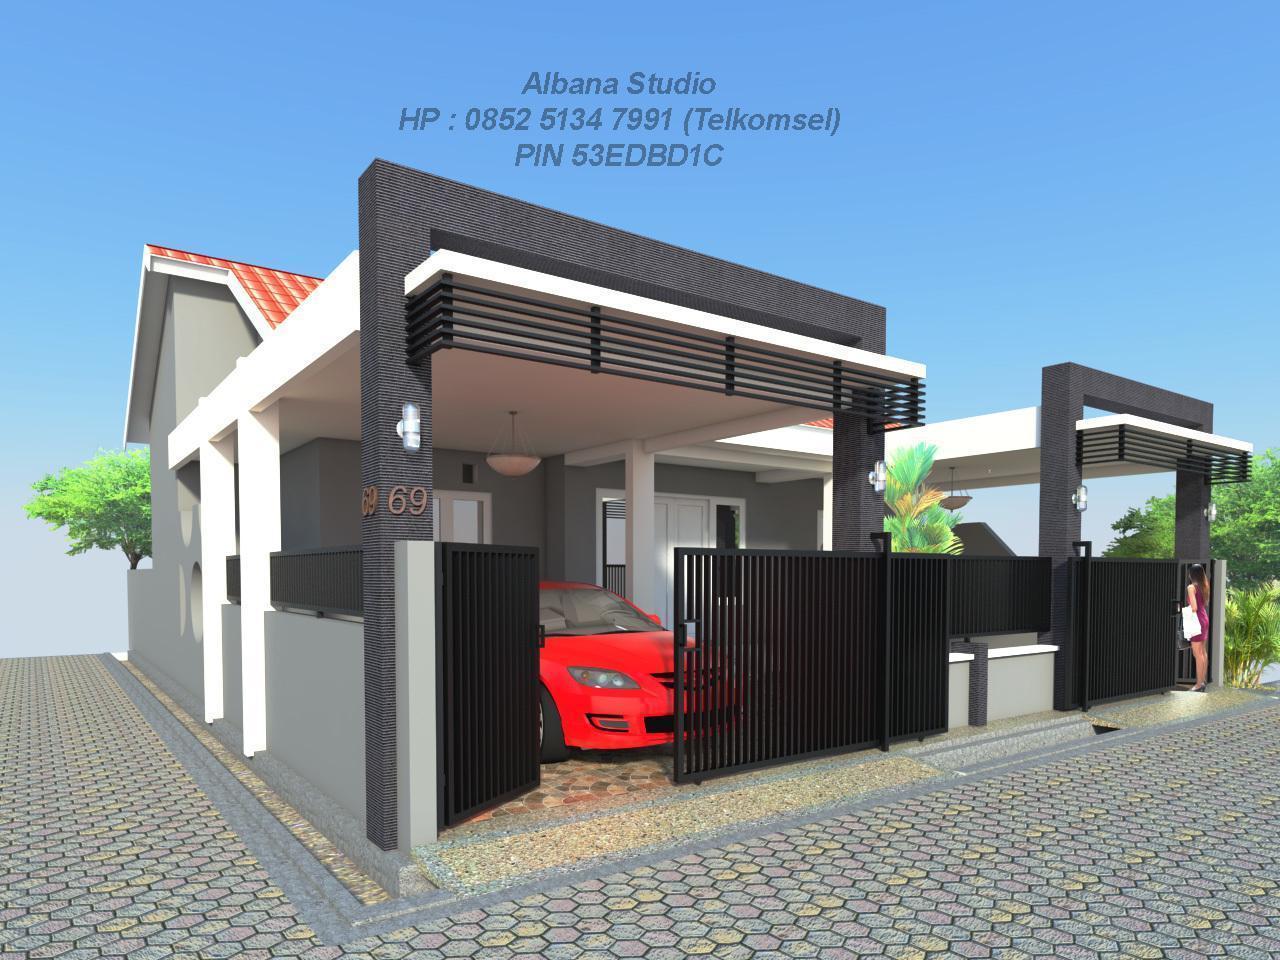 Al Bana Studio